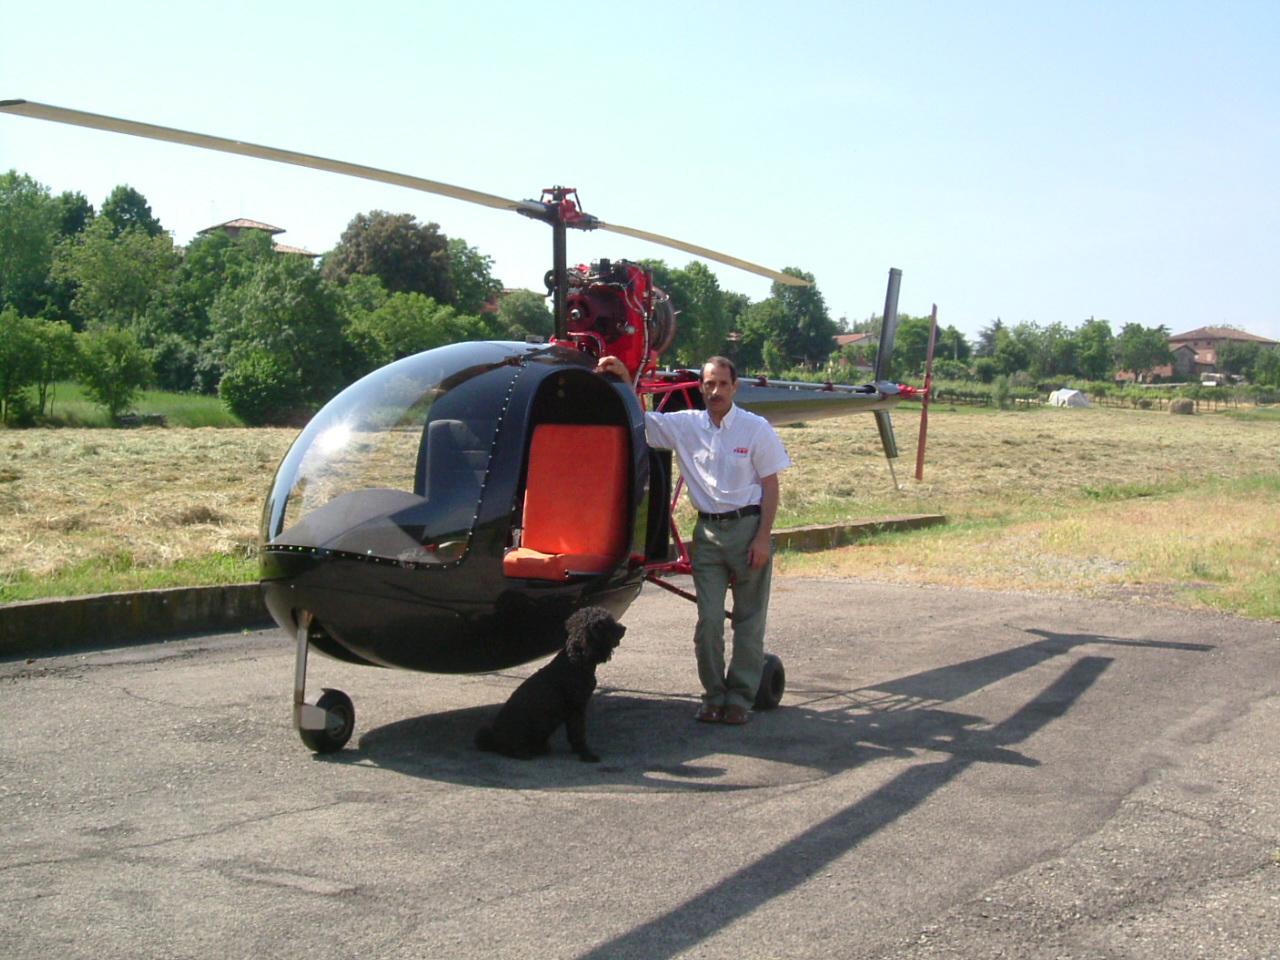 Km H Elicottero : Motor chicche nino fama dalle piste agli elicotteri